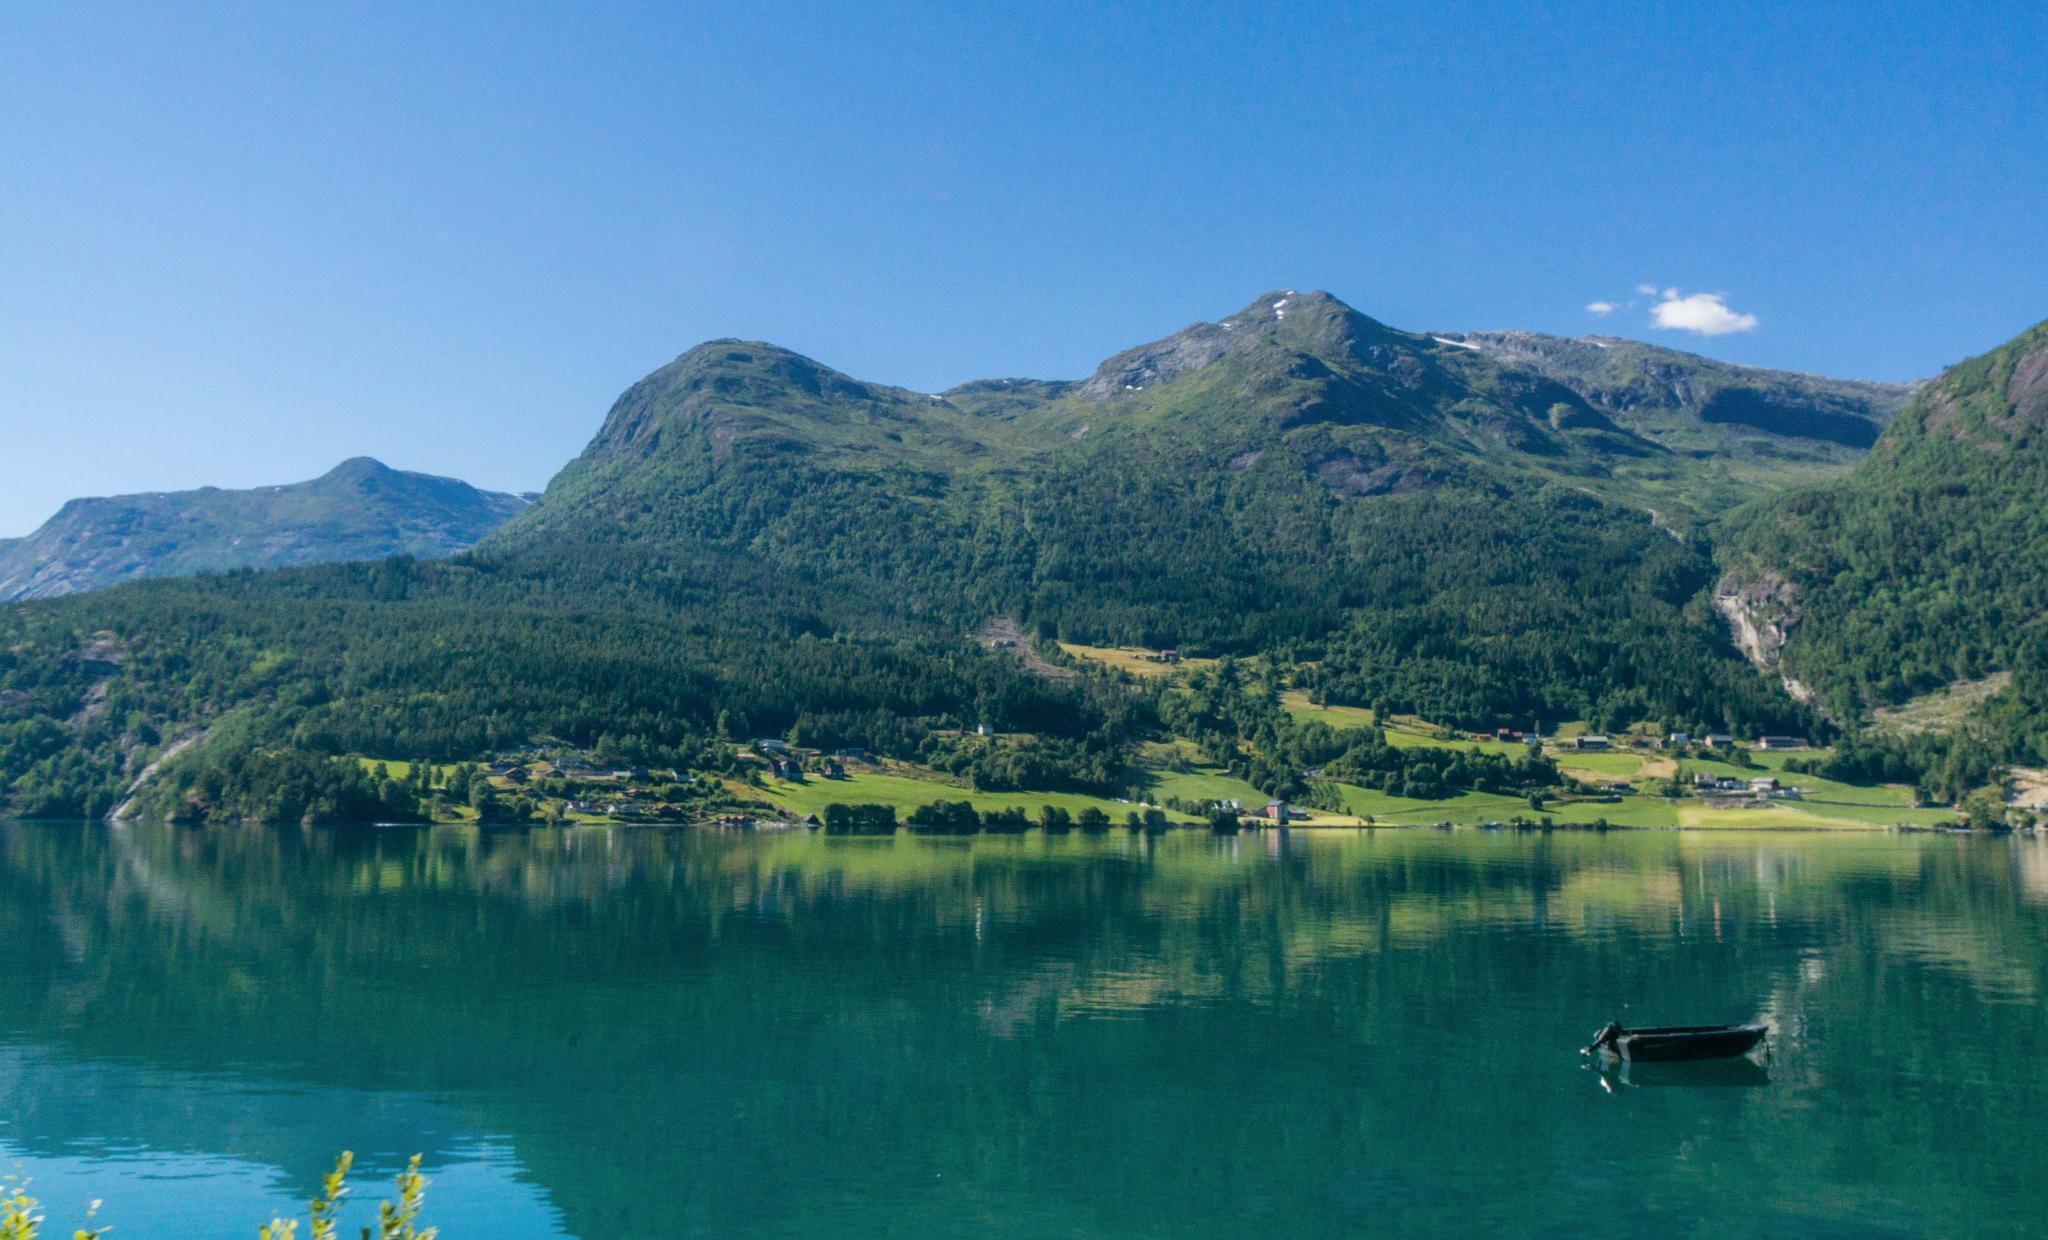 【北歐景點】朝聖歐洲大陸最大的冰河 - 挪威約詩達特冰河國家公園 (Jostedalsbreen National Park) 11